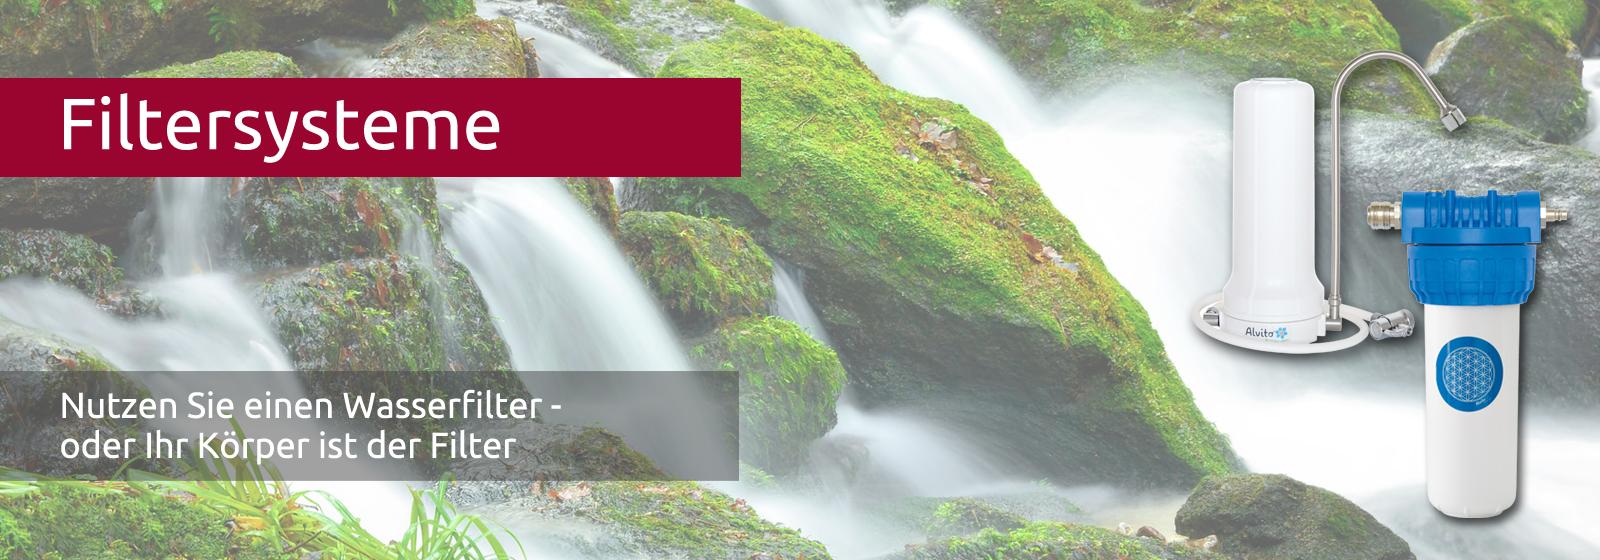 Das Wasser eines Baches stürzt über bemooste Steine herab